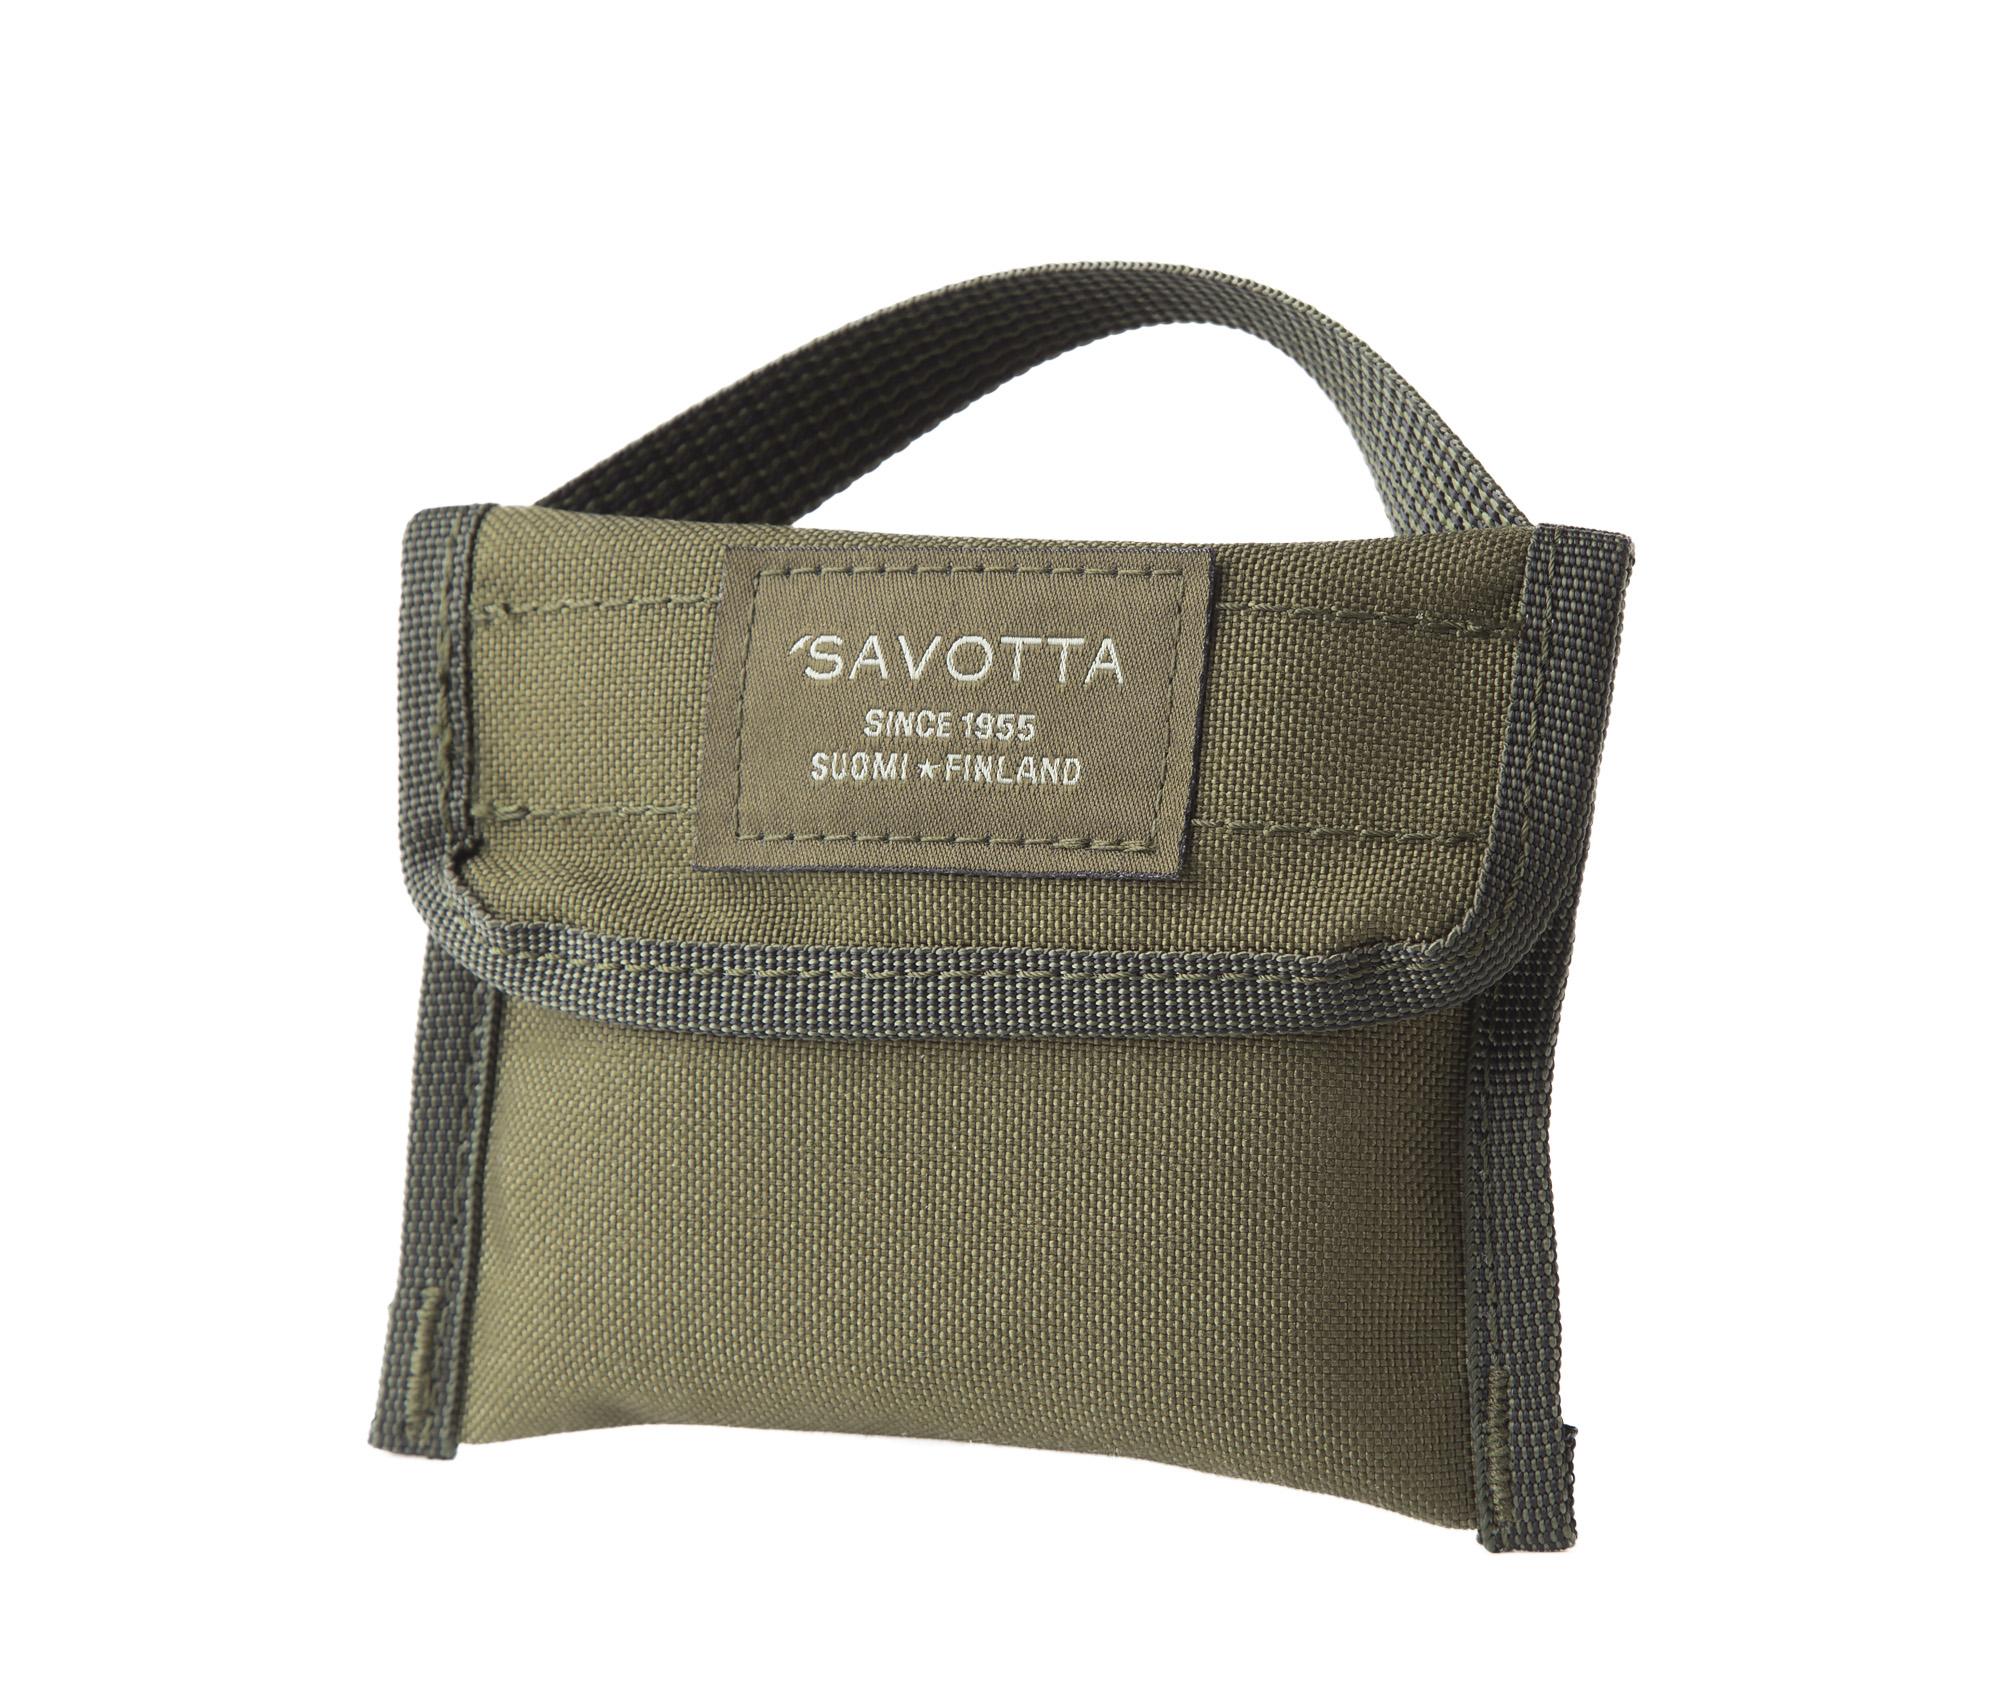 verižna žaga, žaga, SAVOTTA, B33 army shop, army shop, Vojaška trgovina, Trgovina z vojaško opremo